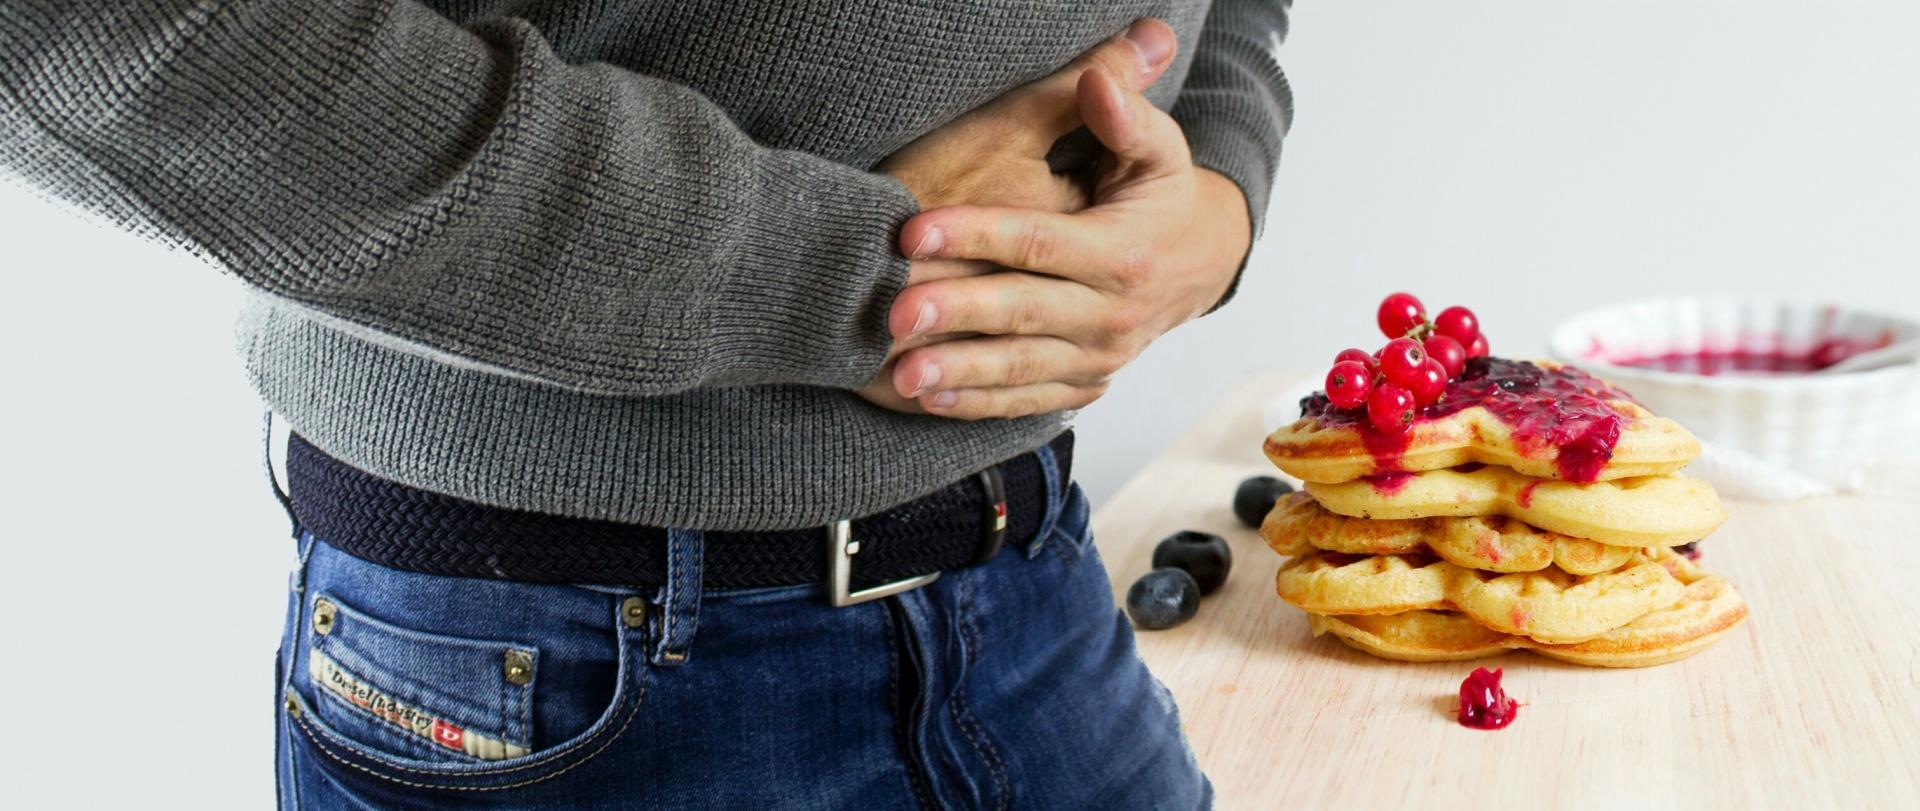 Homme souffrant de gastrite : l'alimentation a un impact considérable sur cette pathologie.